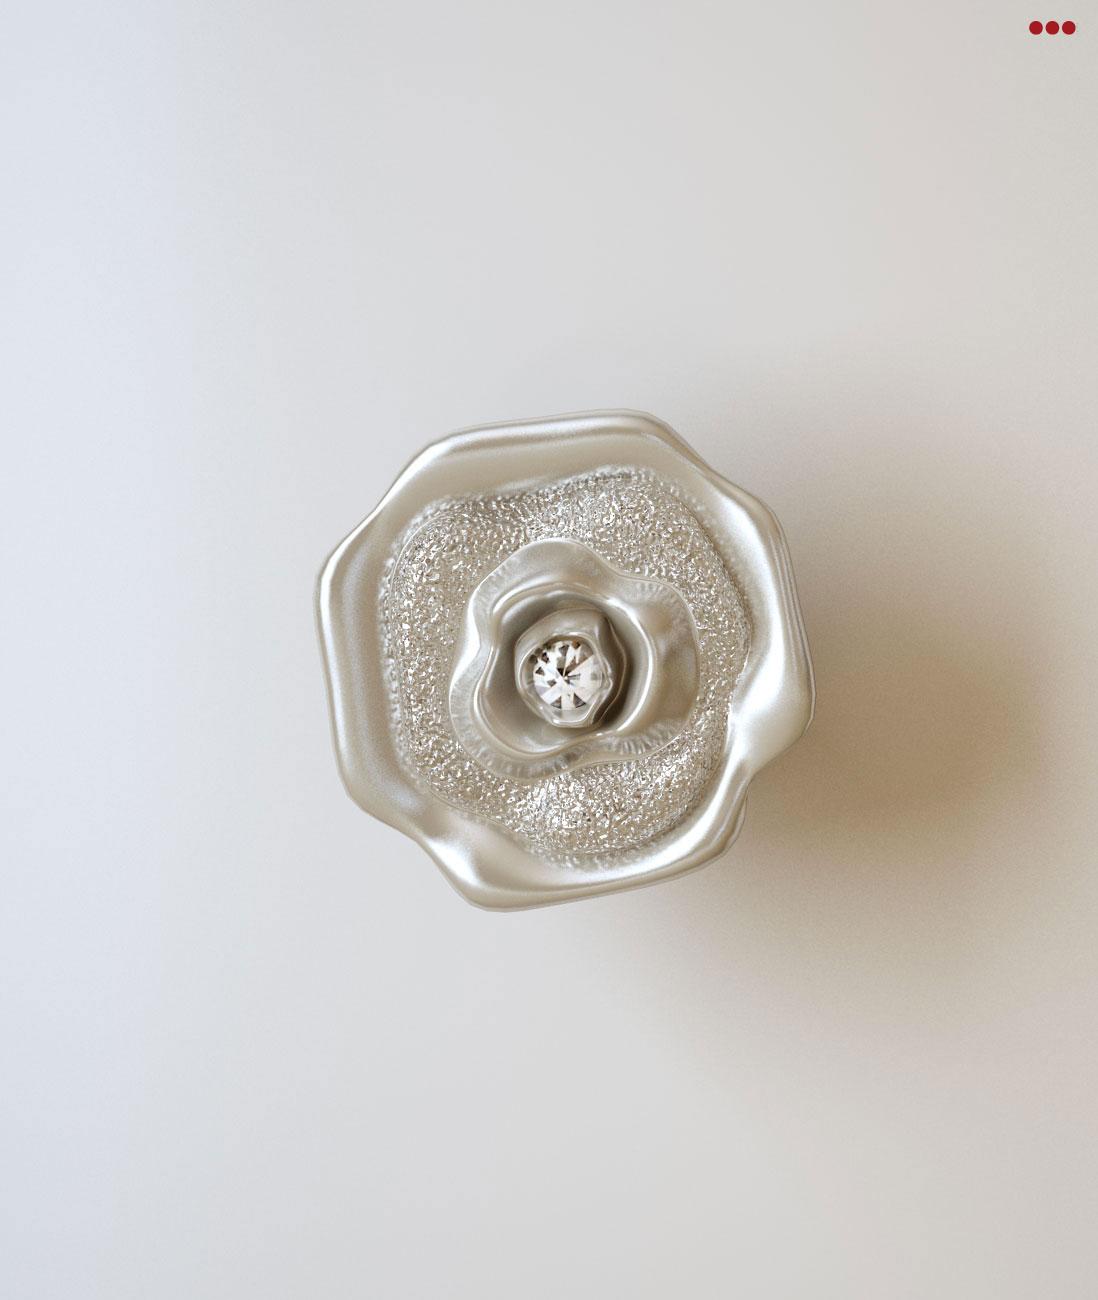 Studio Bartolini rendering progettazione 3d mobile classico catalogo euro design 2013 particolare pomolo pomello diamantato